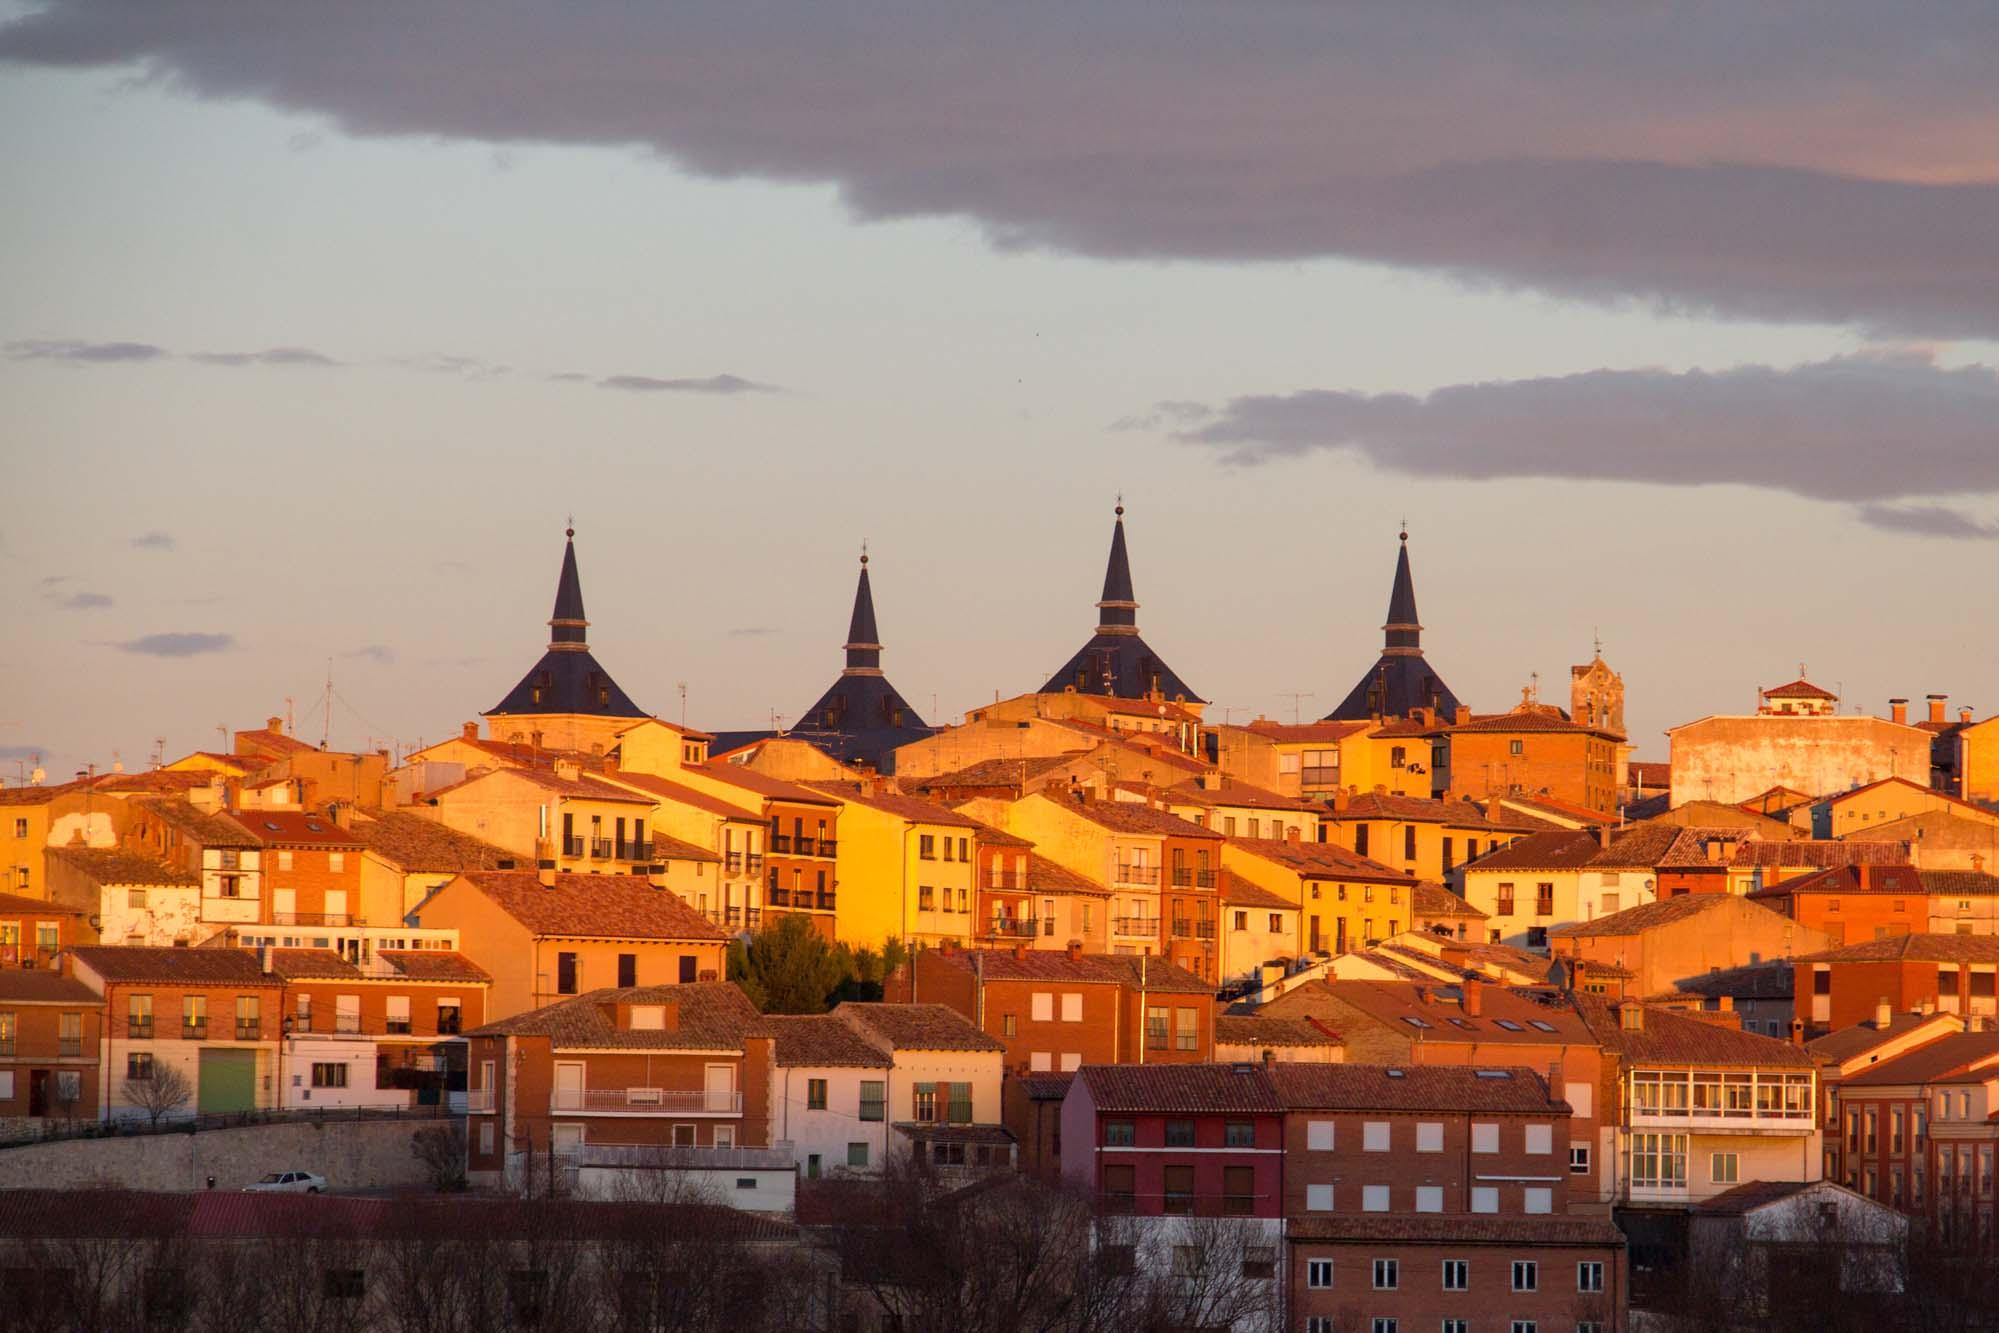 Lerma será la ciudad que acoja en 2019 Las Edades del Hombre. Foto: Shutterstock.